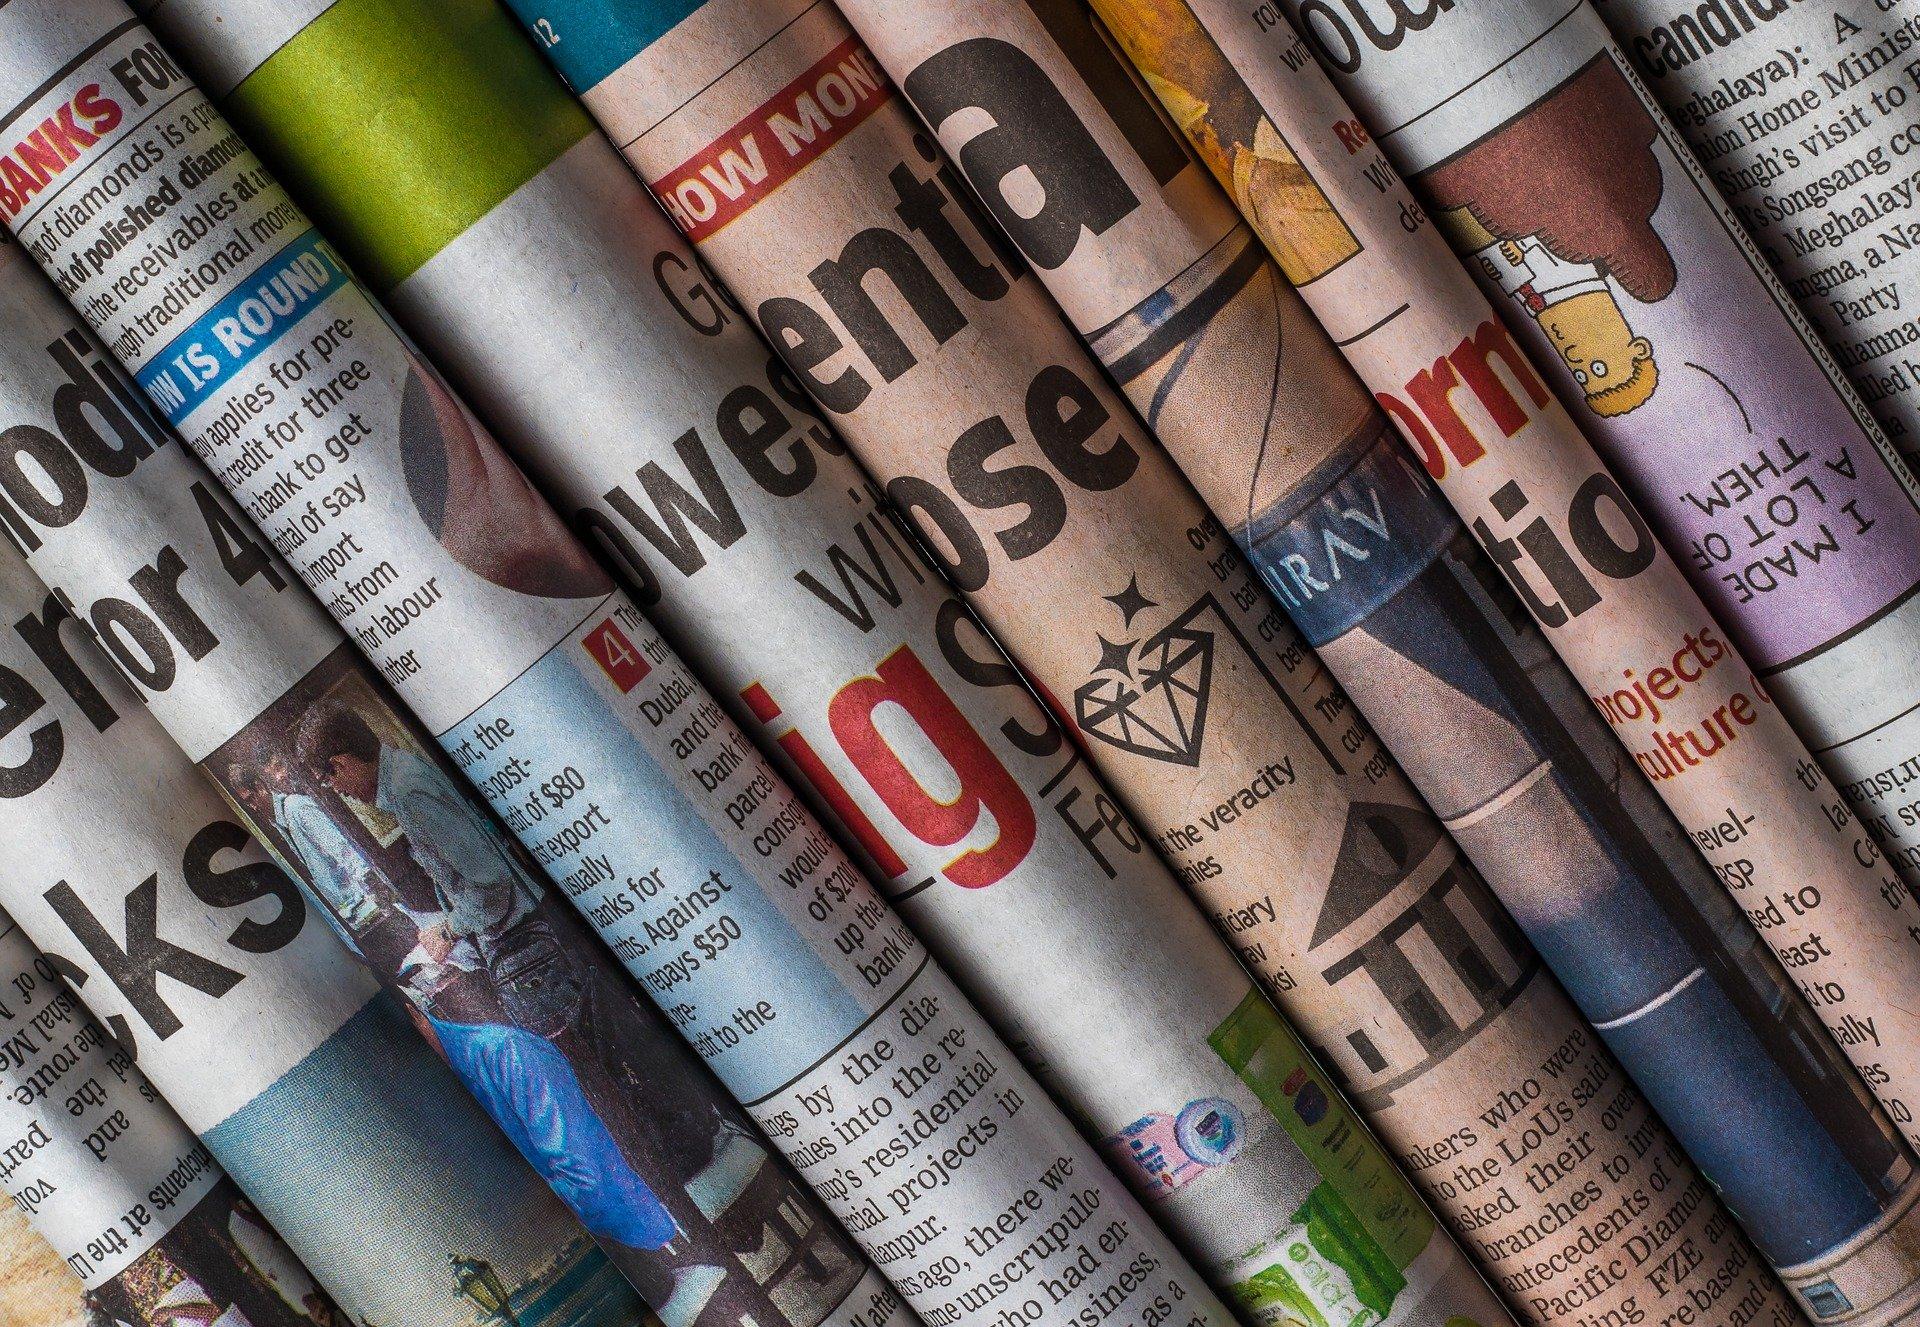 allemaal kranten